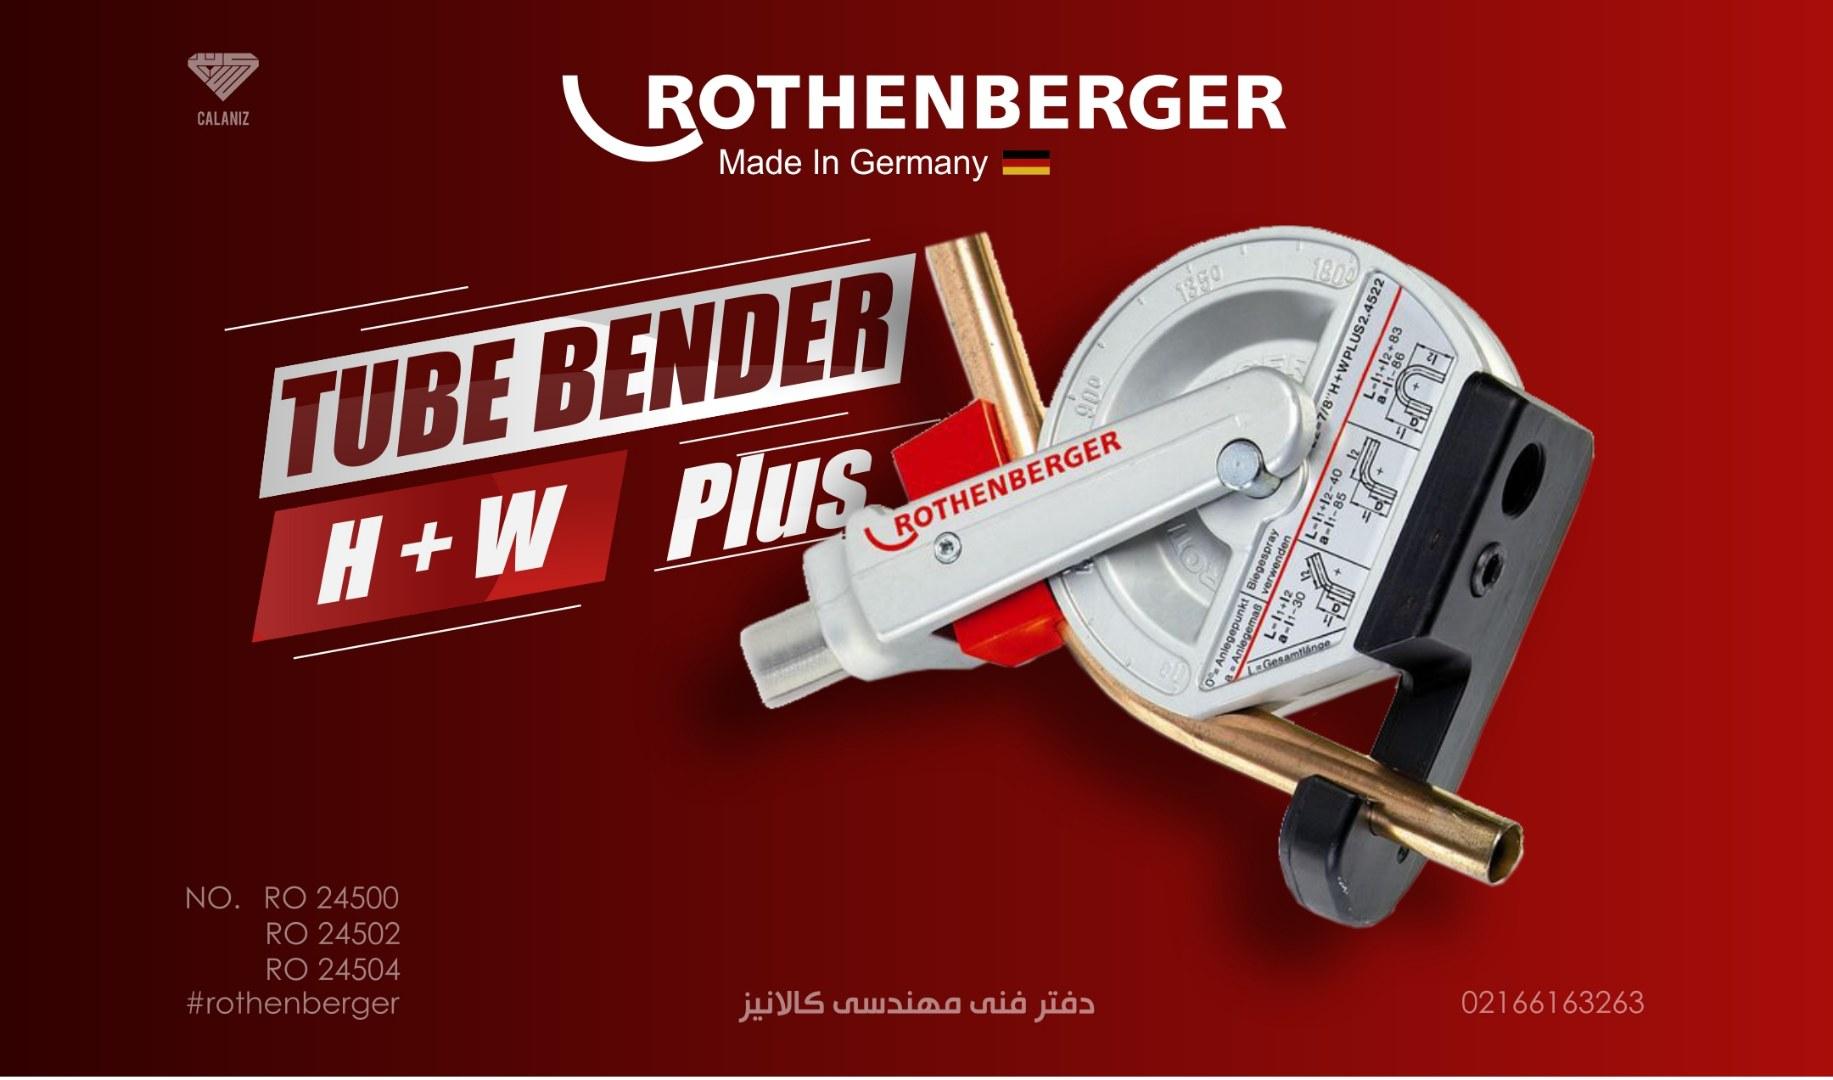 دستگاه لوله خم کن روتنبرگر آلمان – مدل H+W Plus